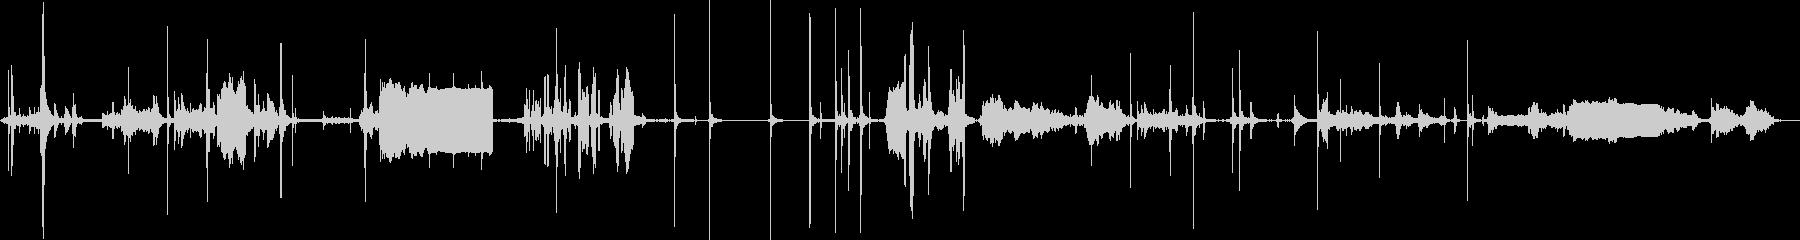 レトロコントロールルームパネル:ス...の未再生の波形